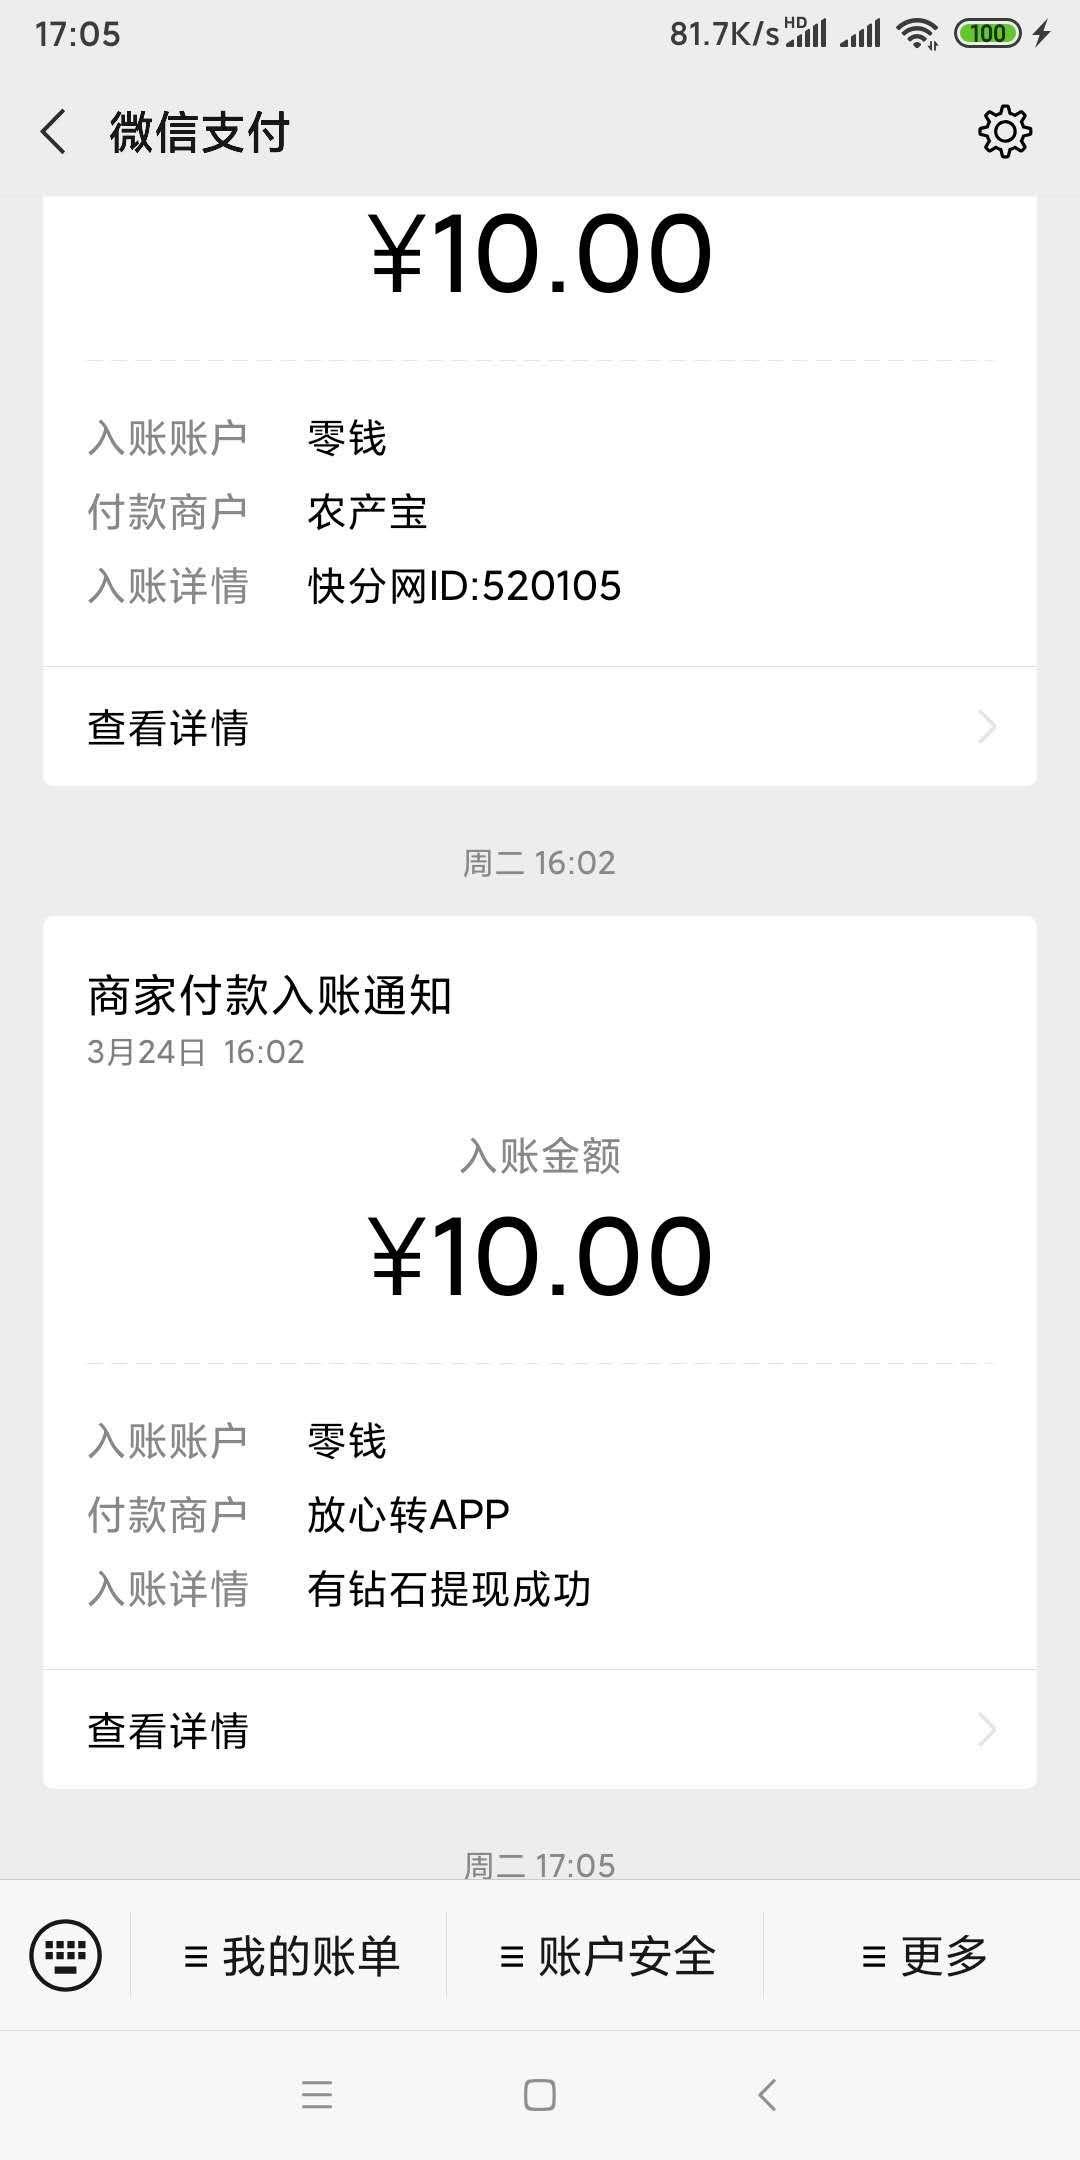 转发资讯赚钱日赚30元-有钻石APP新用户下载送1元现金 手机赚钱 第3张